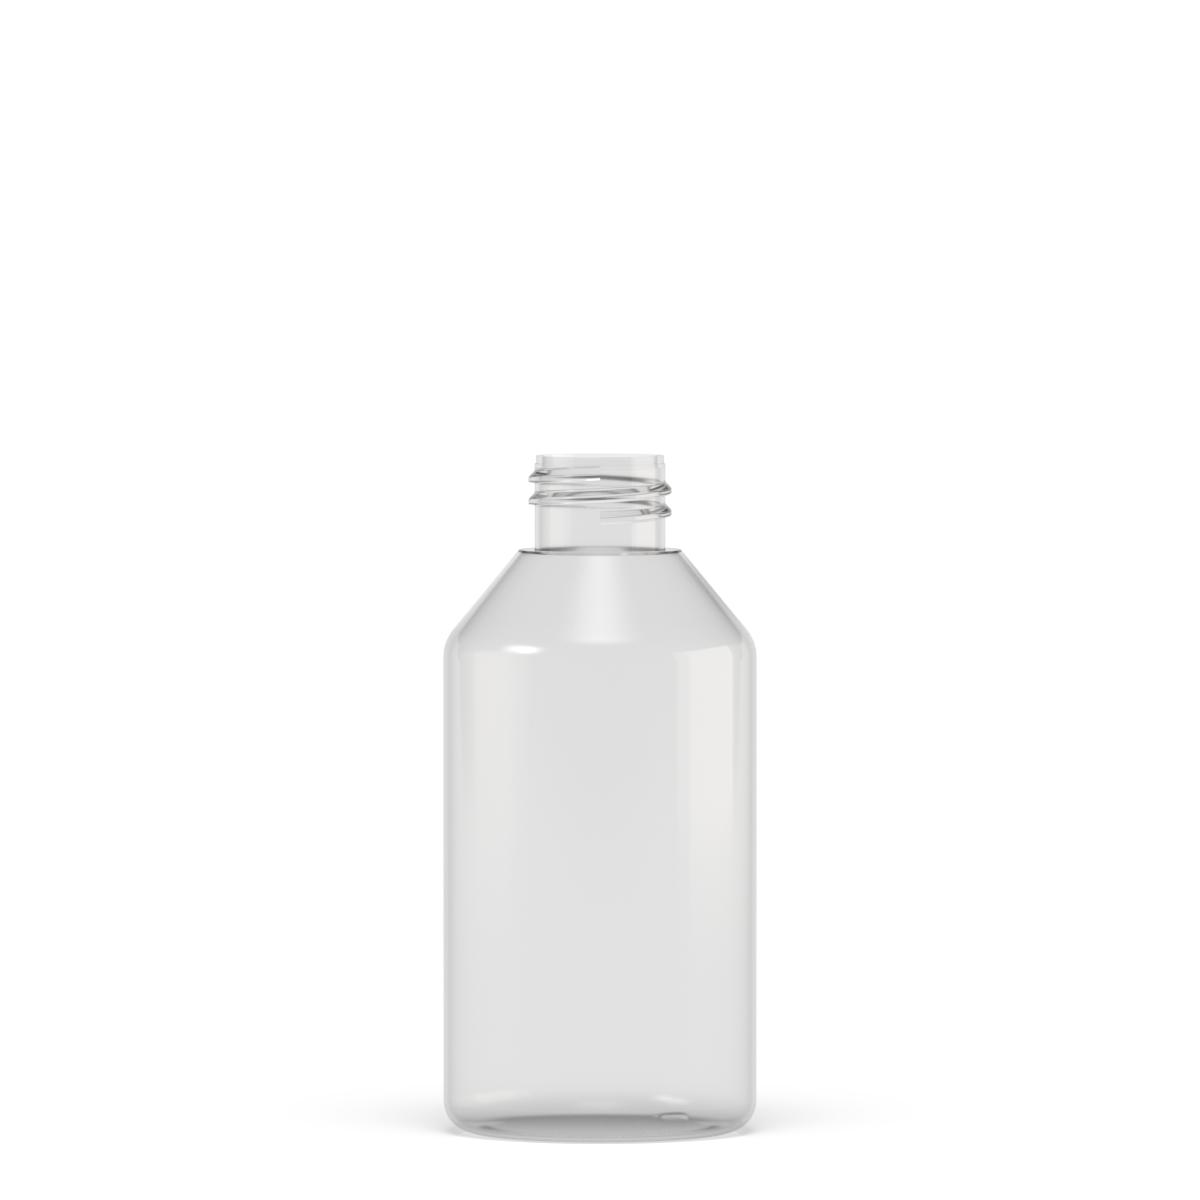 Flacone cilindrico spalla conica 250 ml PETG, collo 24/410, linea MANHATTAN